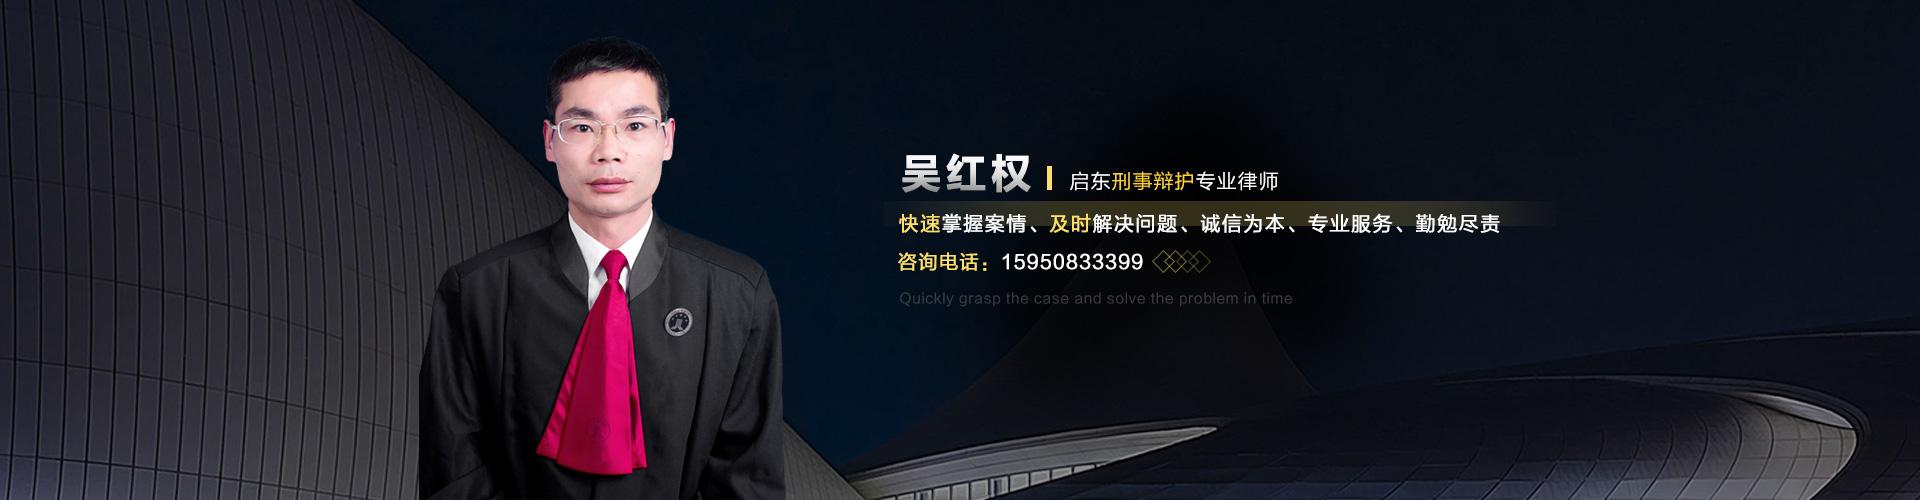 江苏吴红权律师